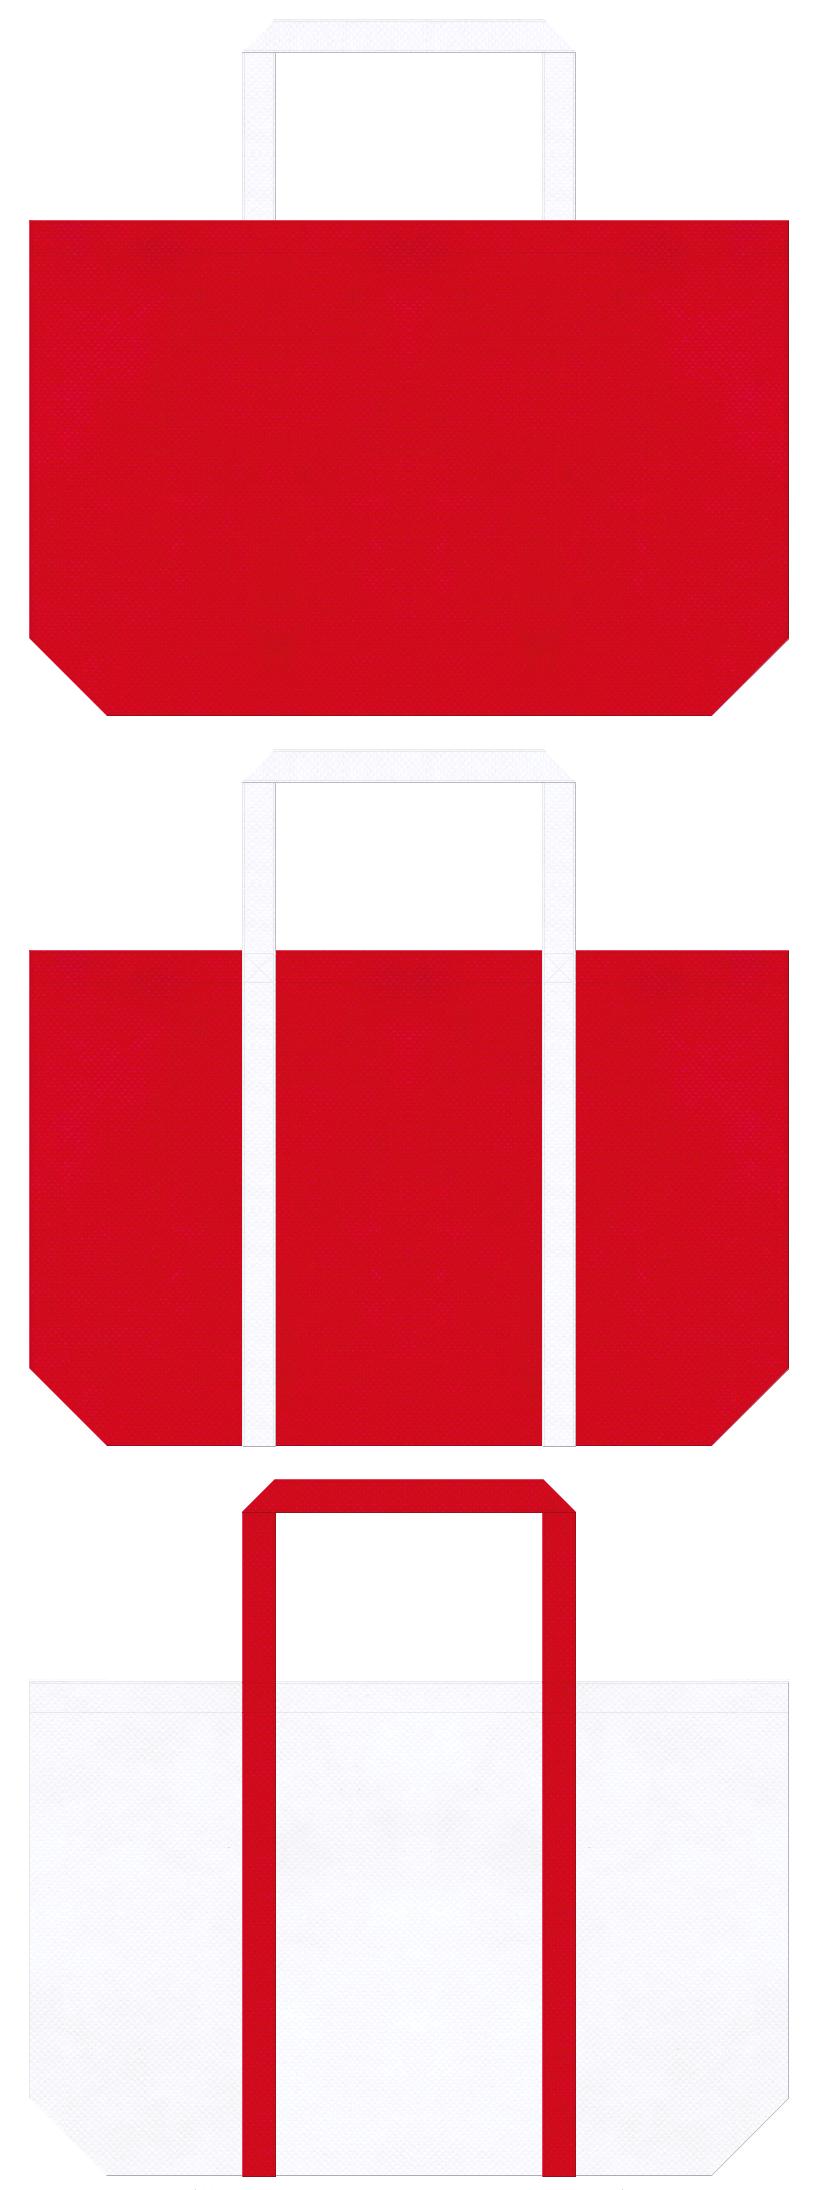 不織布ショッピングバッグのデザイン:紅色と白色のコーデ。救急用品のバッグ・クリスマス商品のショッピングバッグにお奨めです。